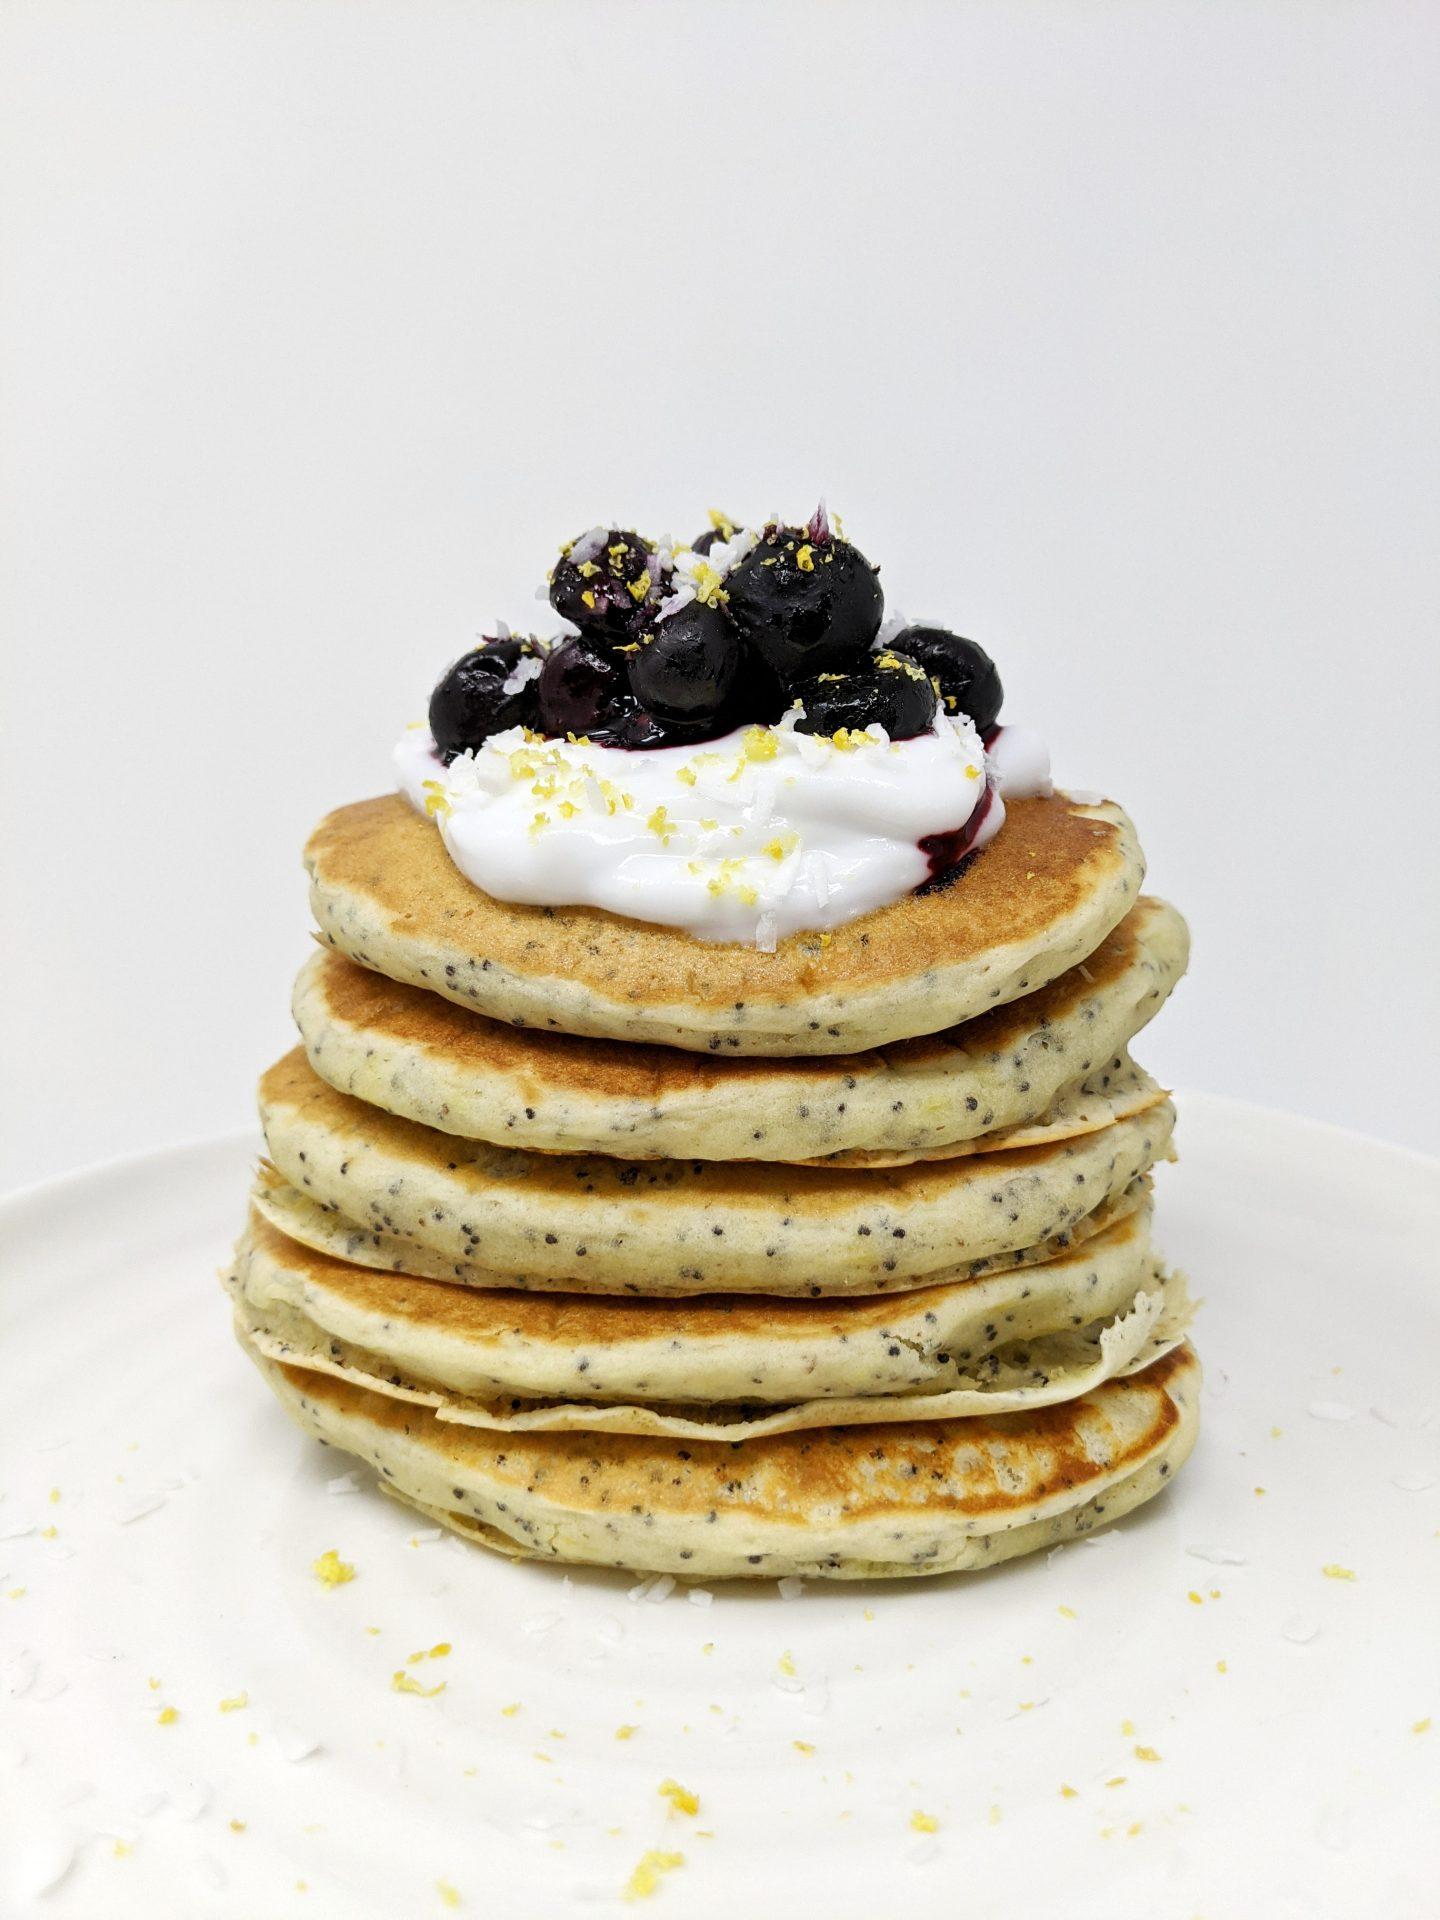 Lemon Poppy Seed Pancake